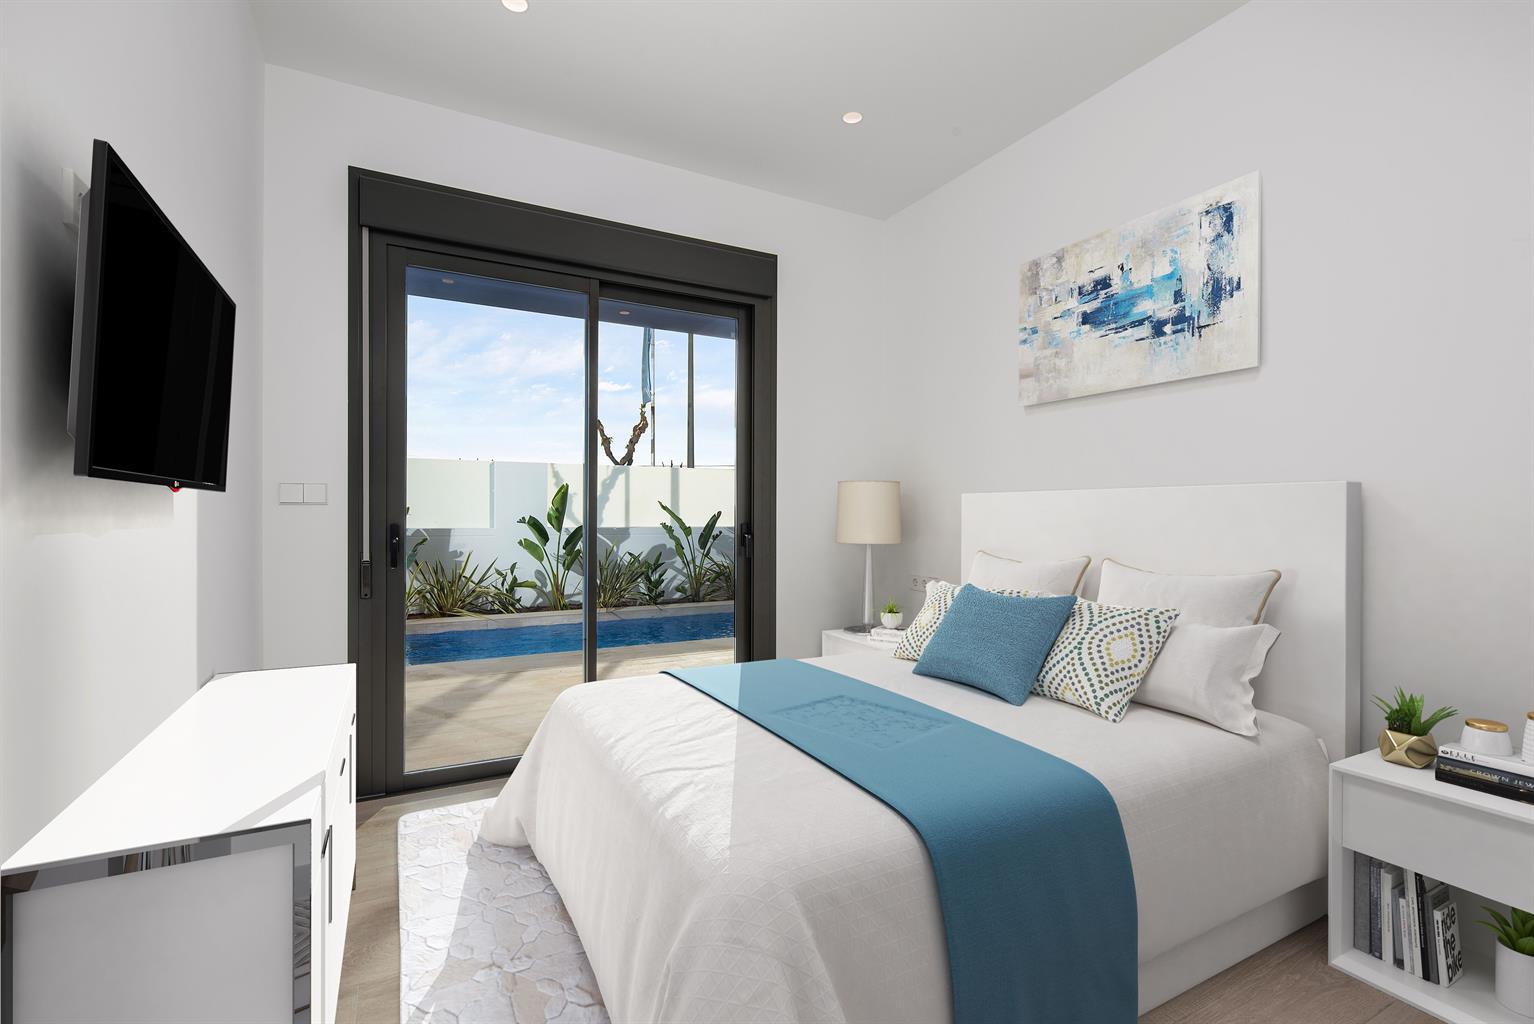 Maison - Pilar De La Horadada - #4227940-3